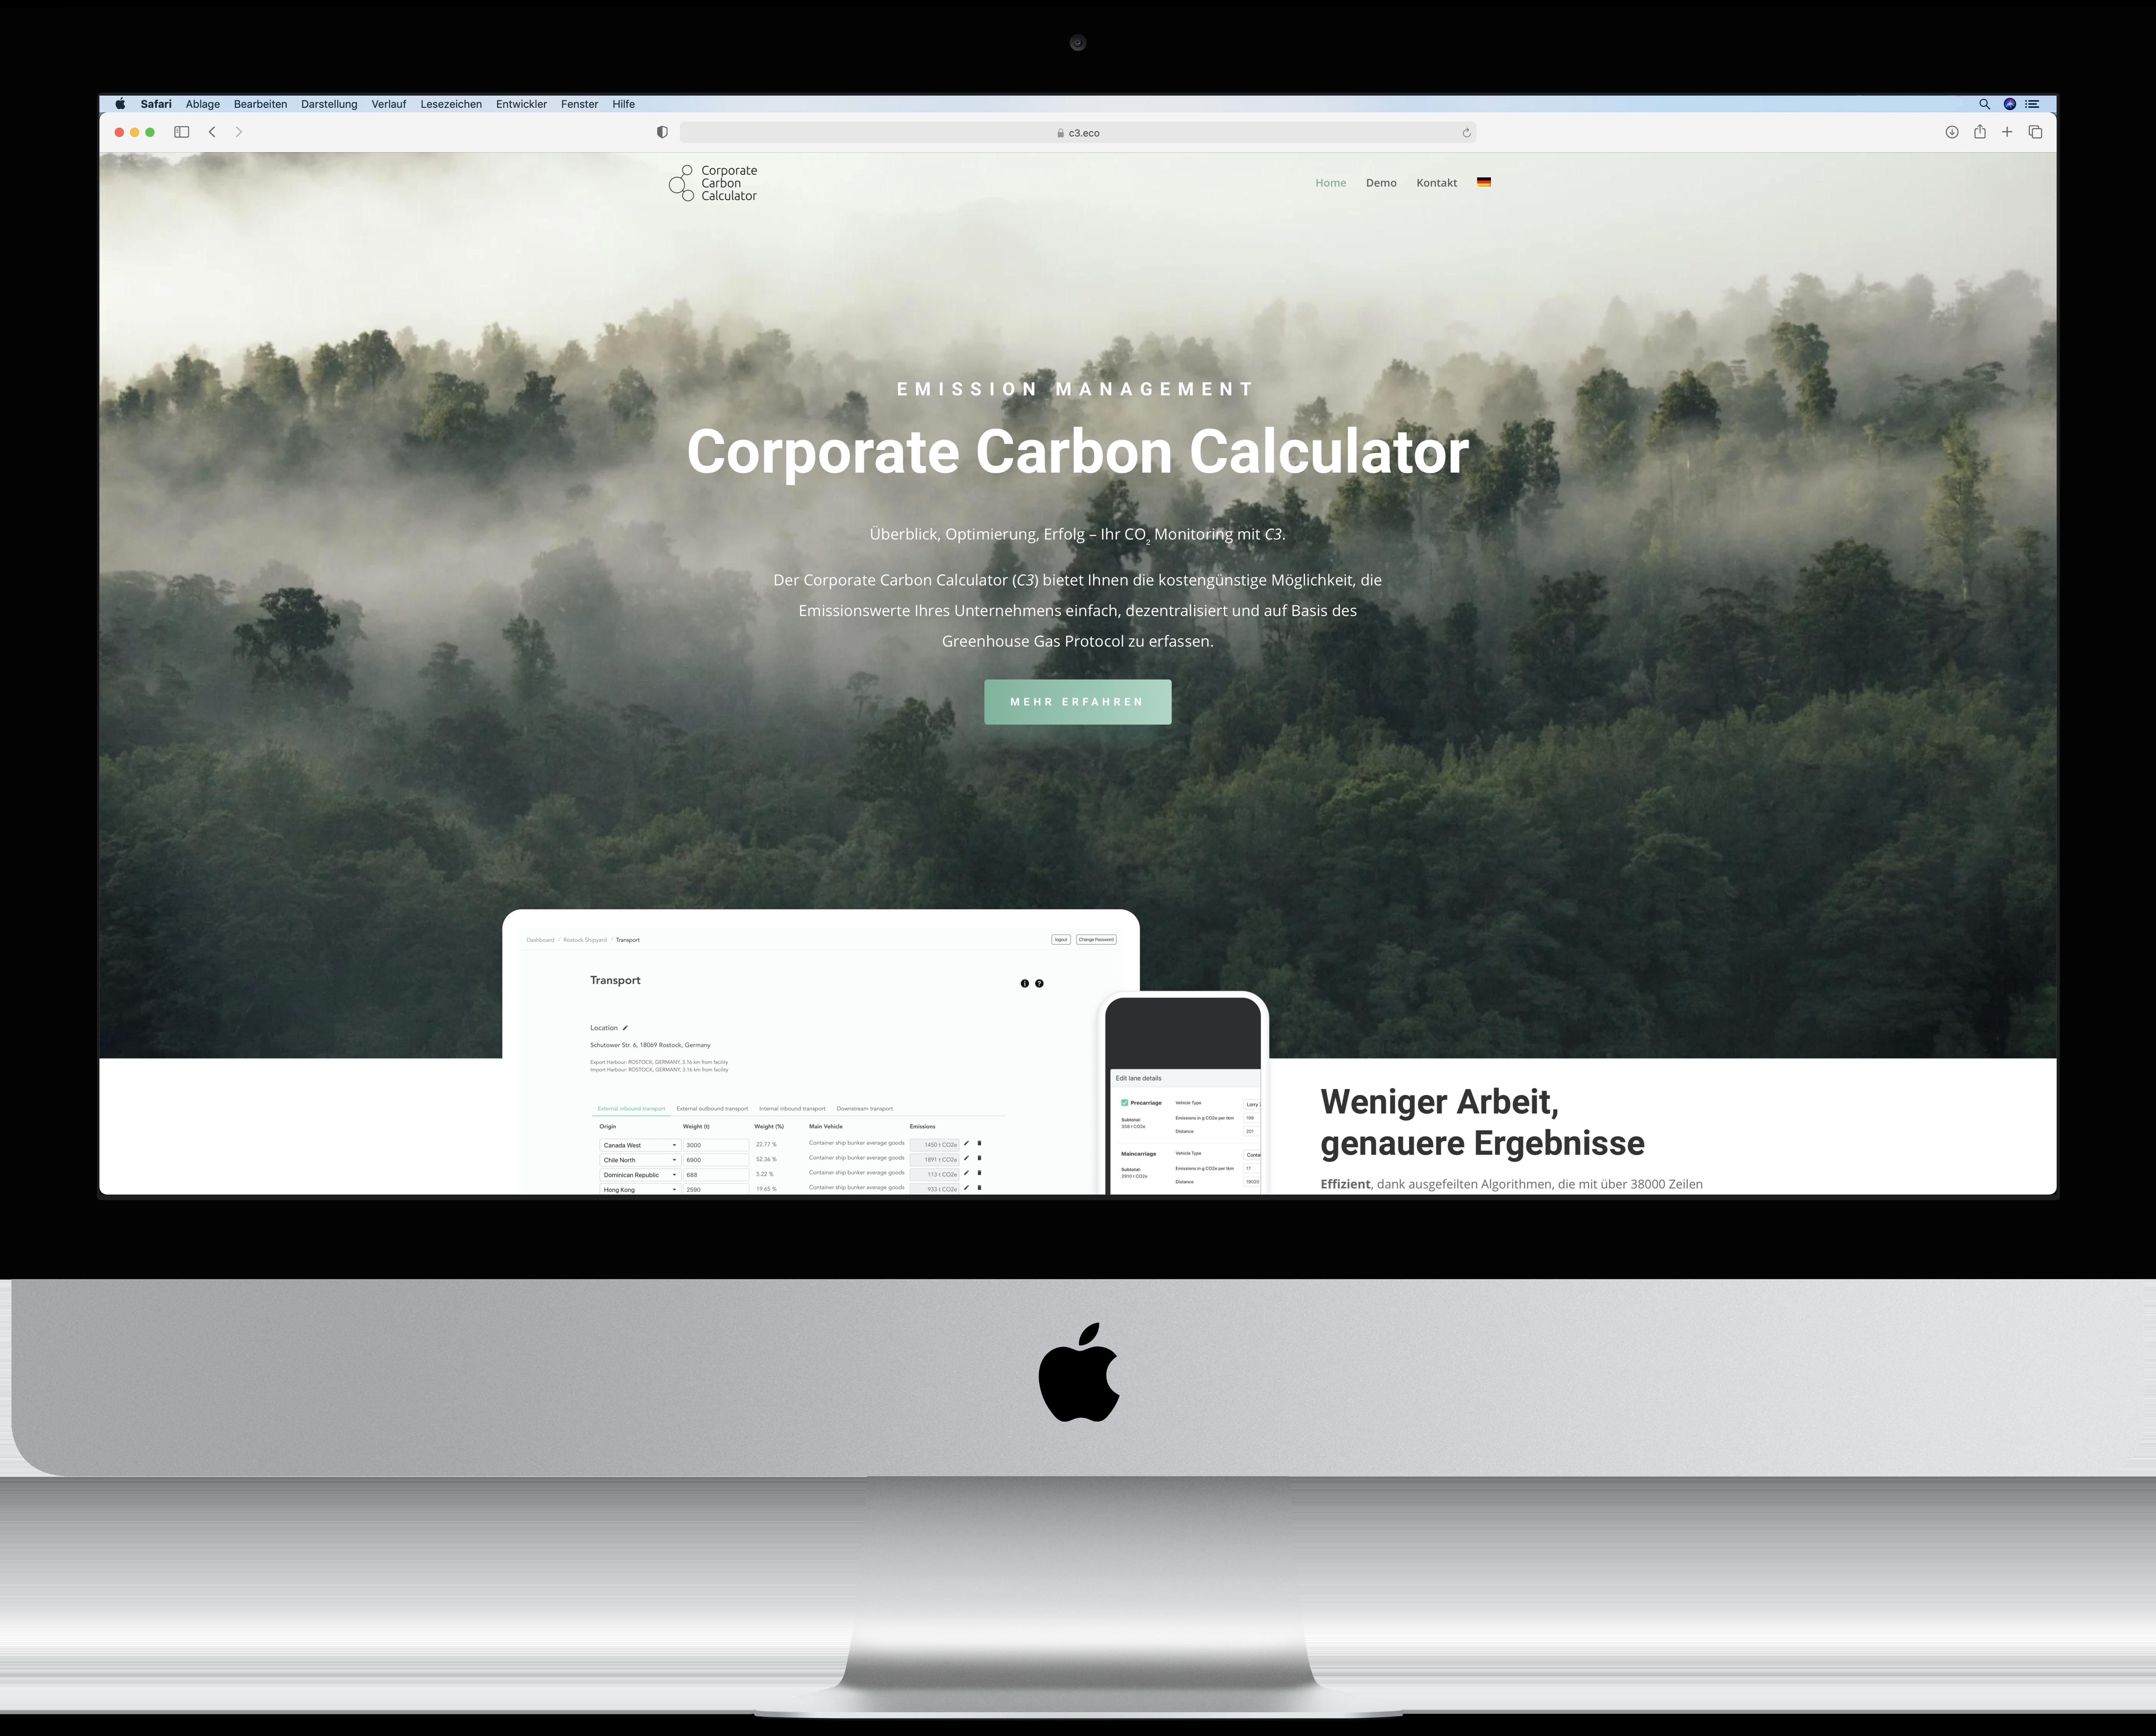 Website des Corporate Carbon Calculator, kurz C3, mit Ansicht der Landingpage.